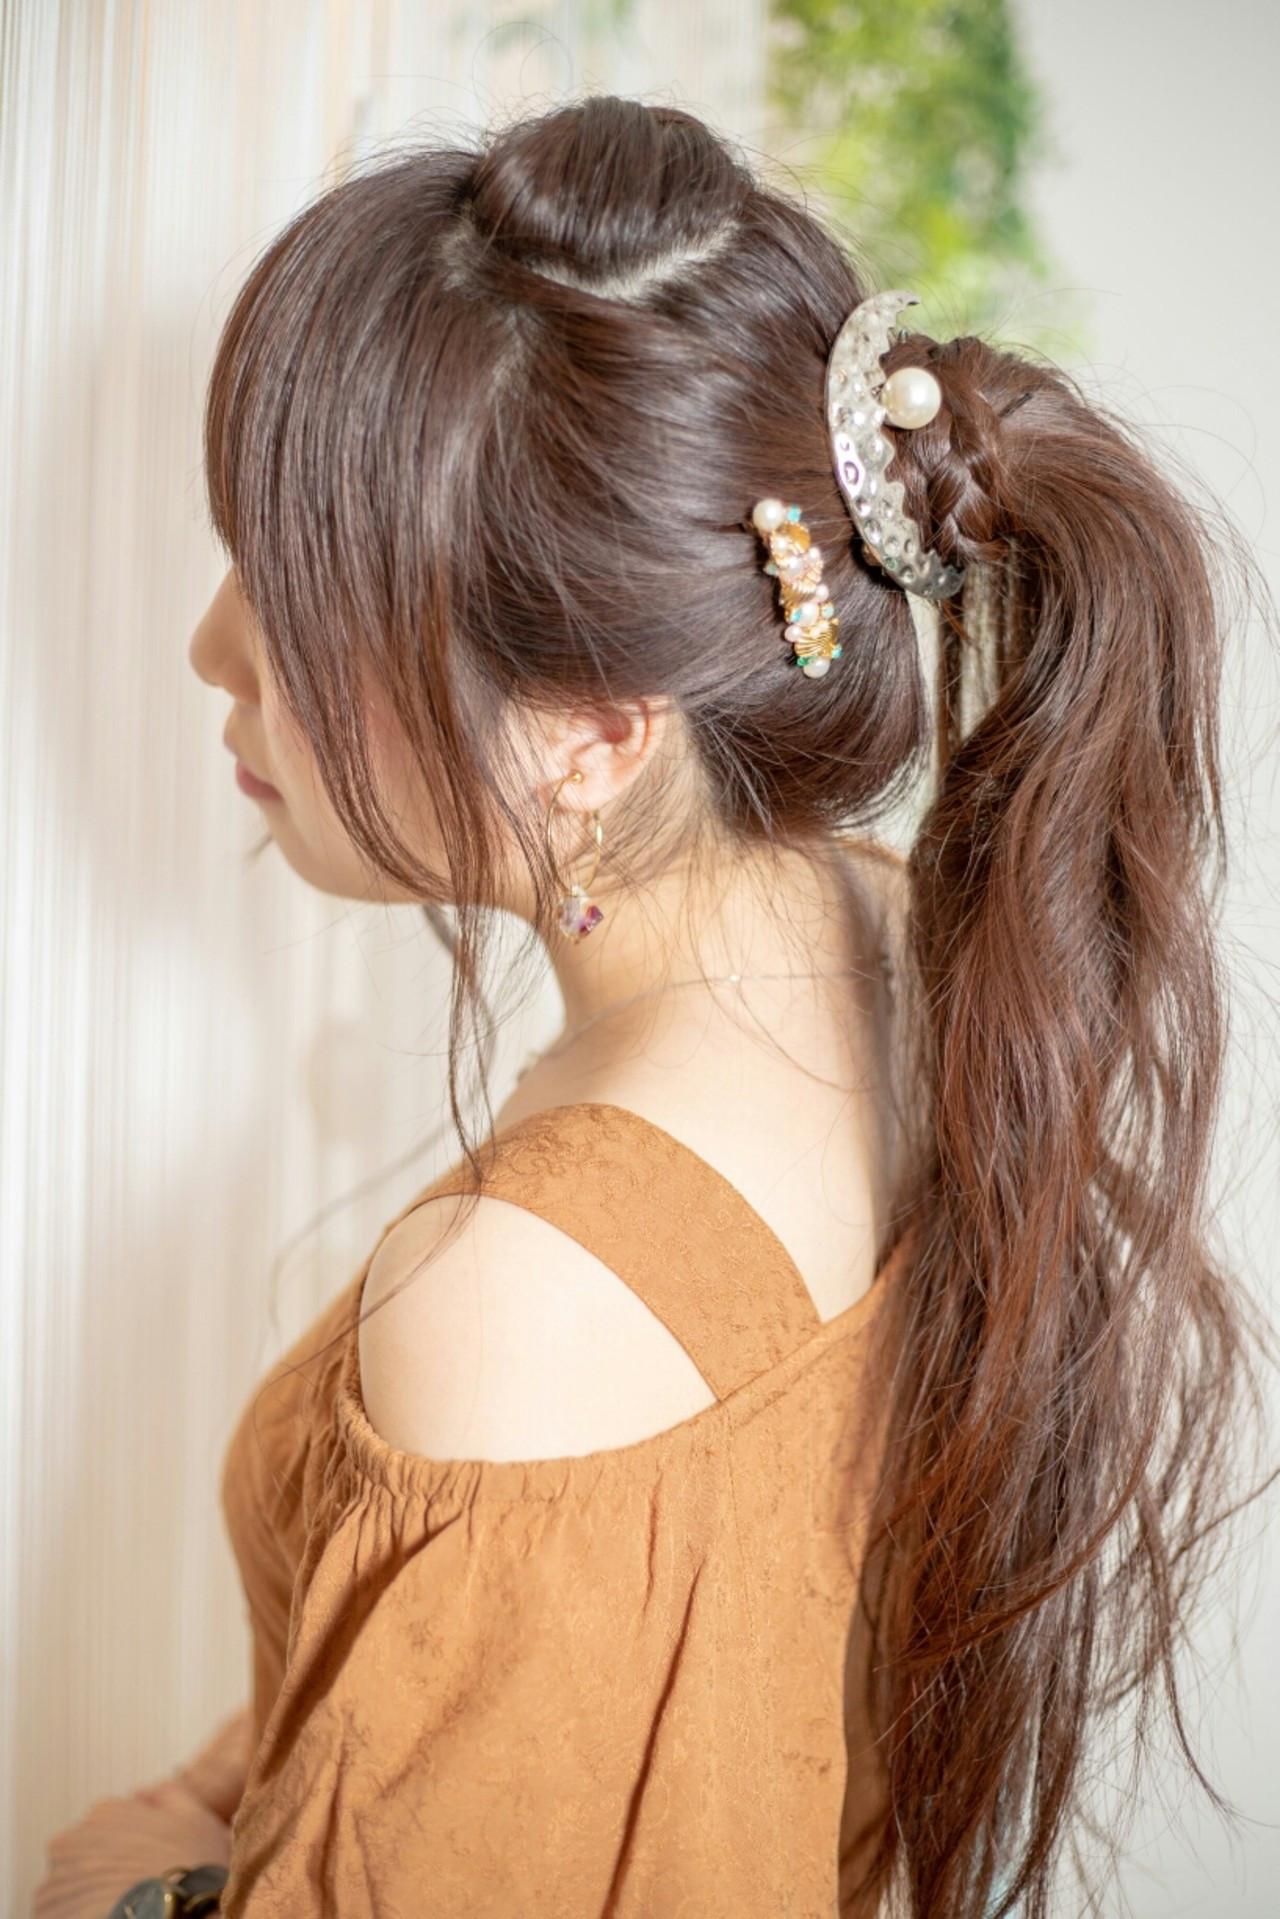 ポニーテールのアクセントバレッタ Naoki Ozawa  春日部美容室 Luce